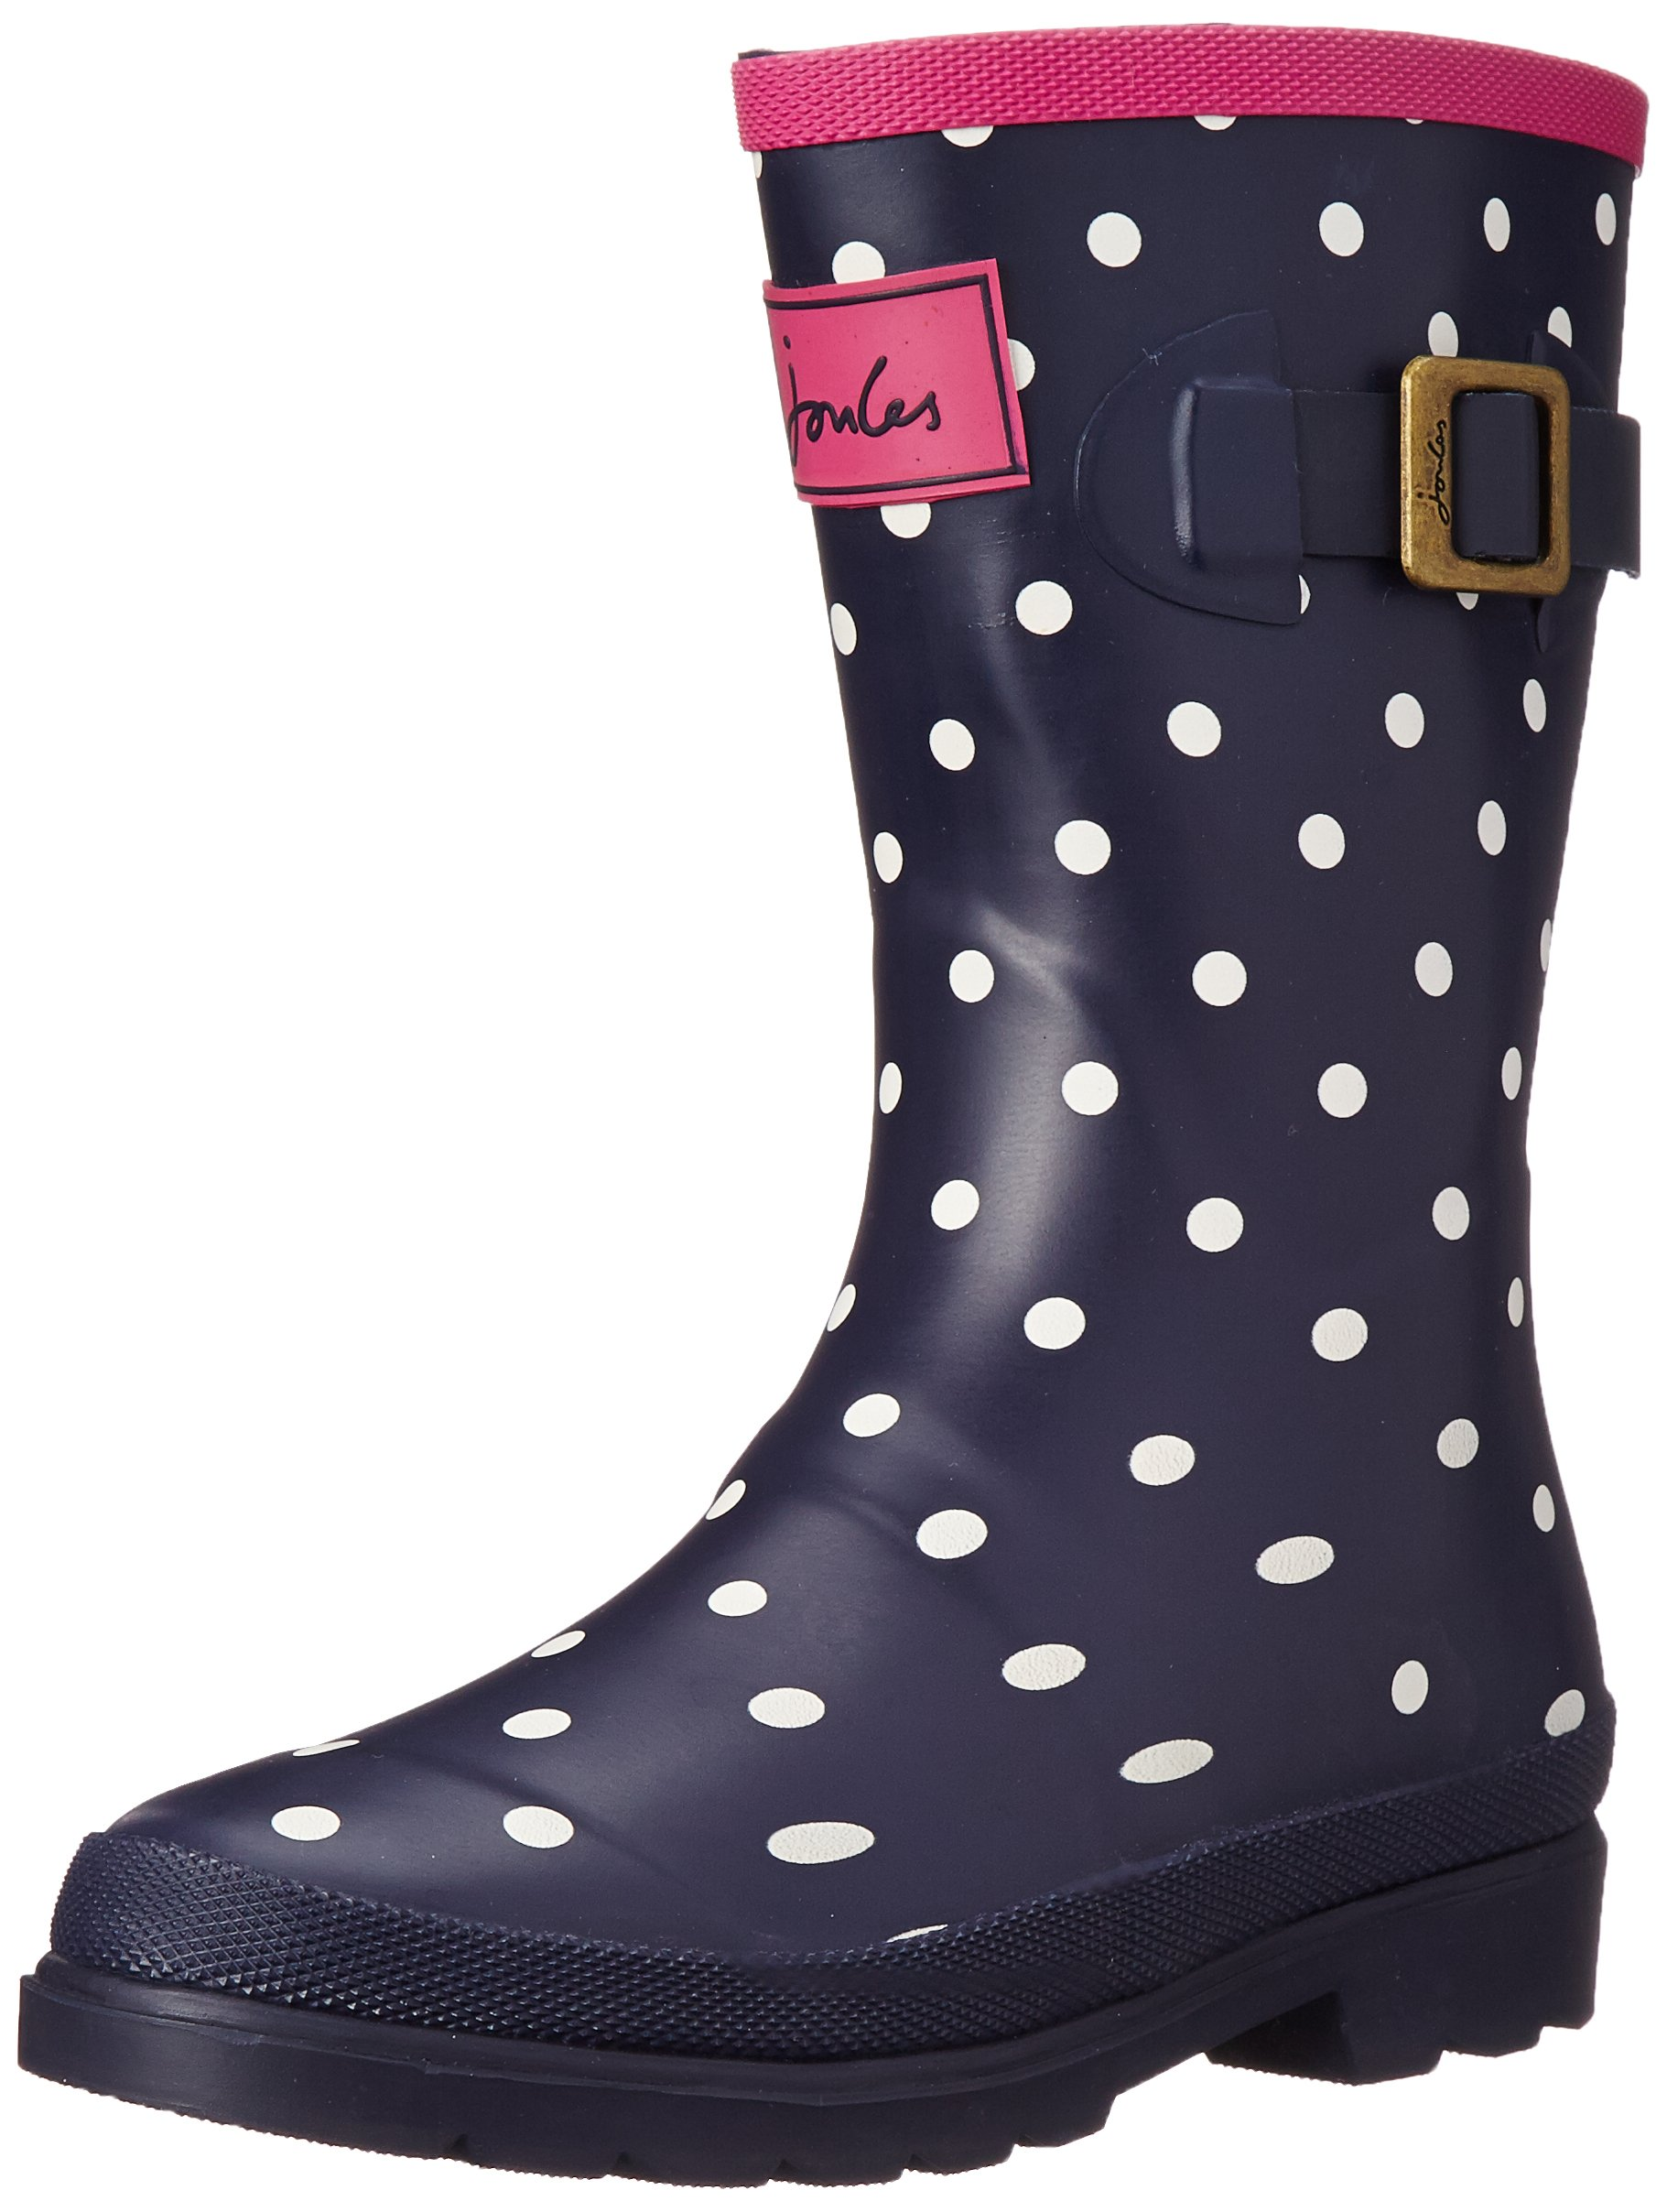 Joules T_JNR Girls Welly Boot (Toddler/Little Kid/Big Kid), Navy Spot White, 12 M US Little Kid